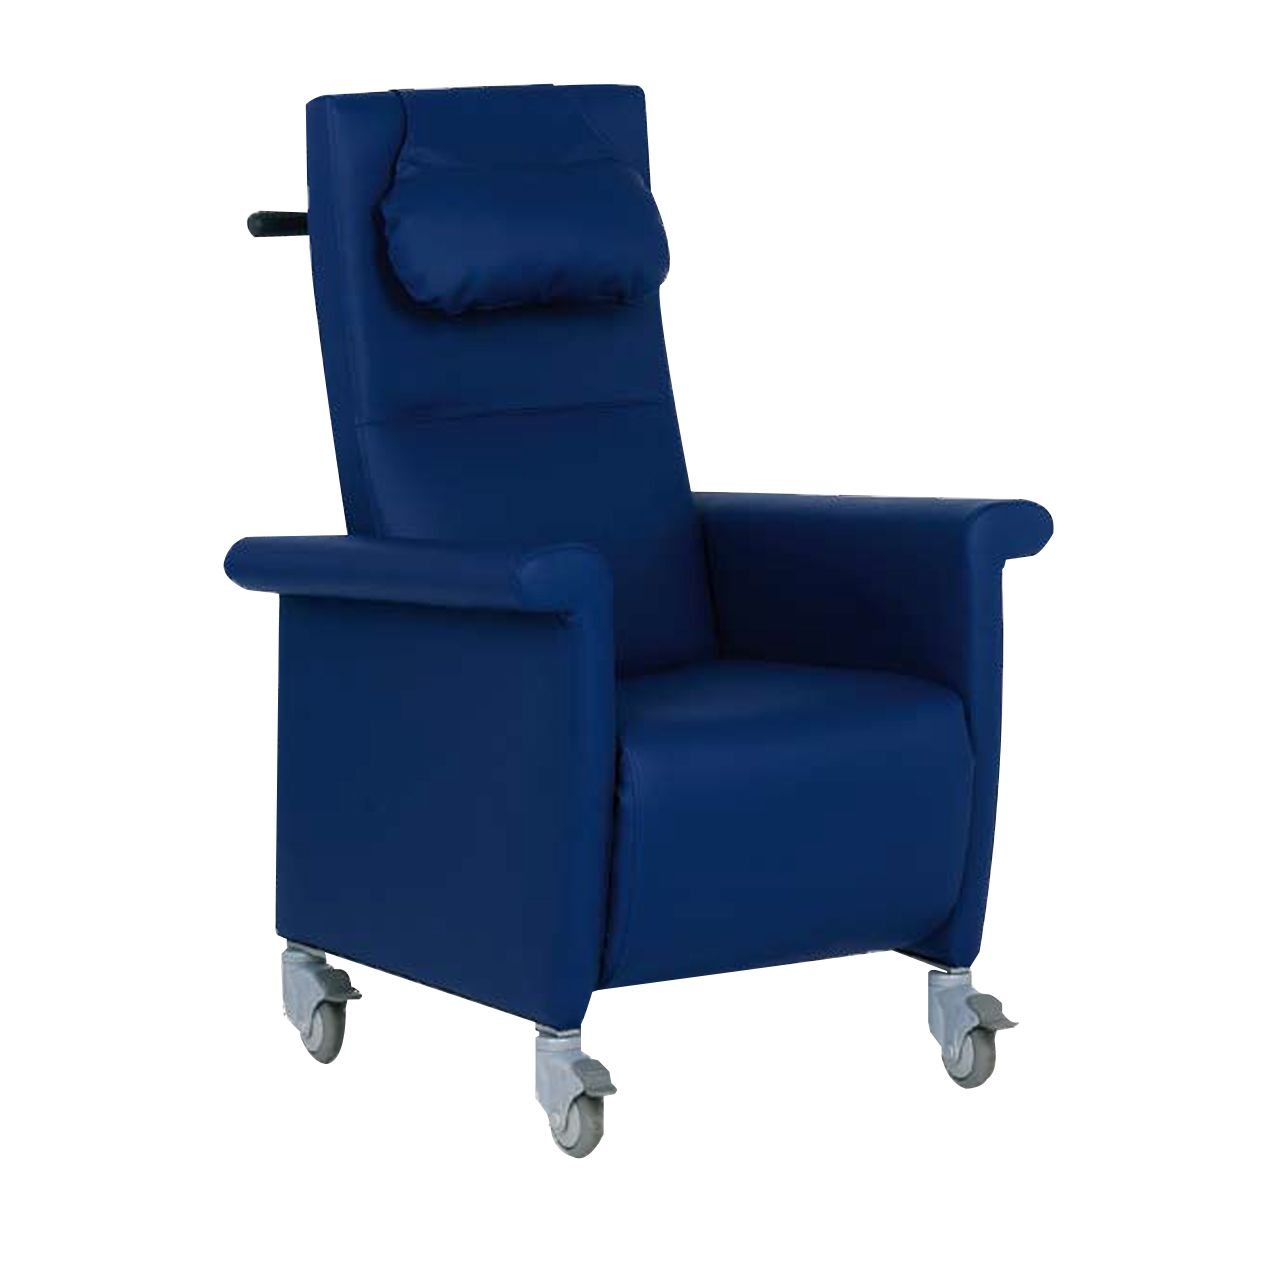 Comfort-senior-1-stoelen-zorg-artnrnnb_0008s_0000_layer_2